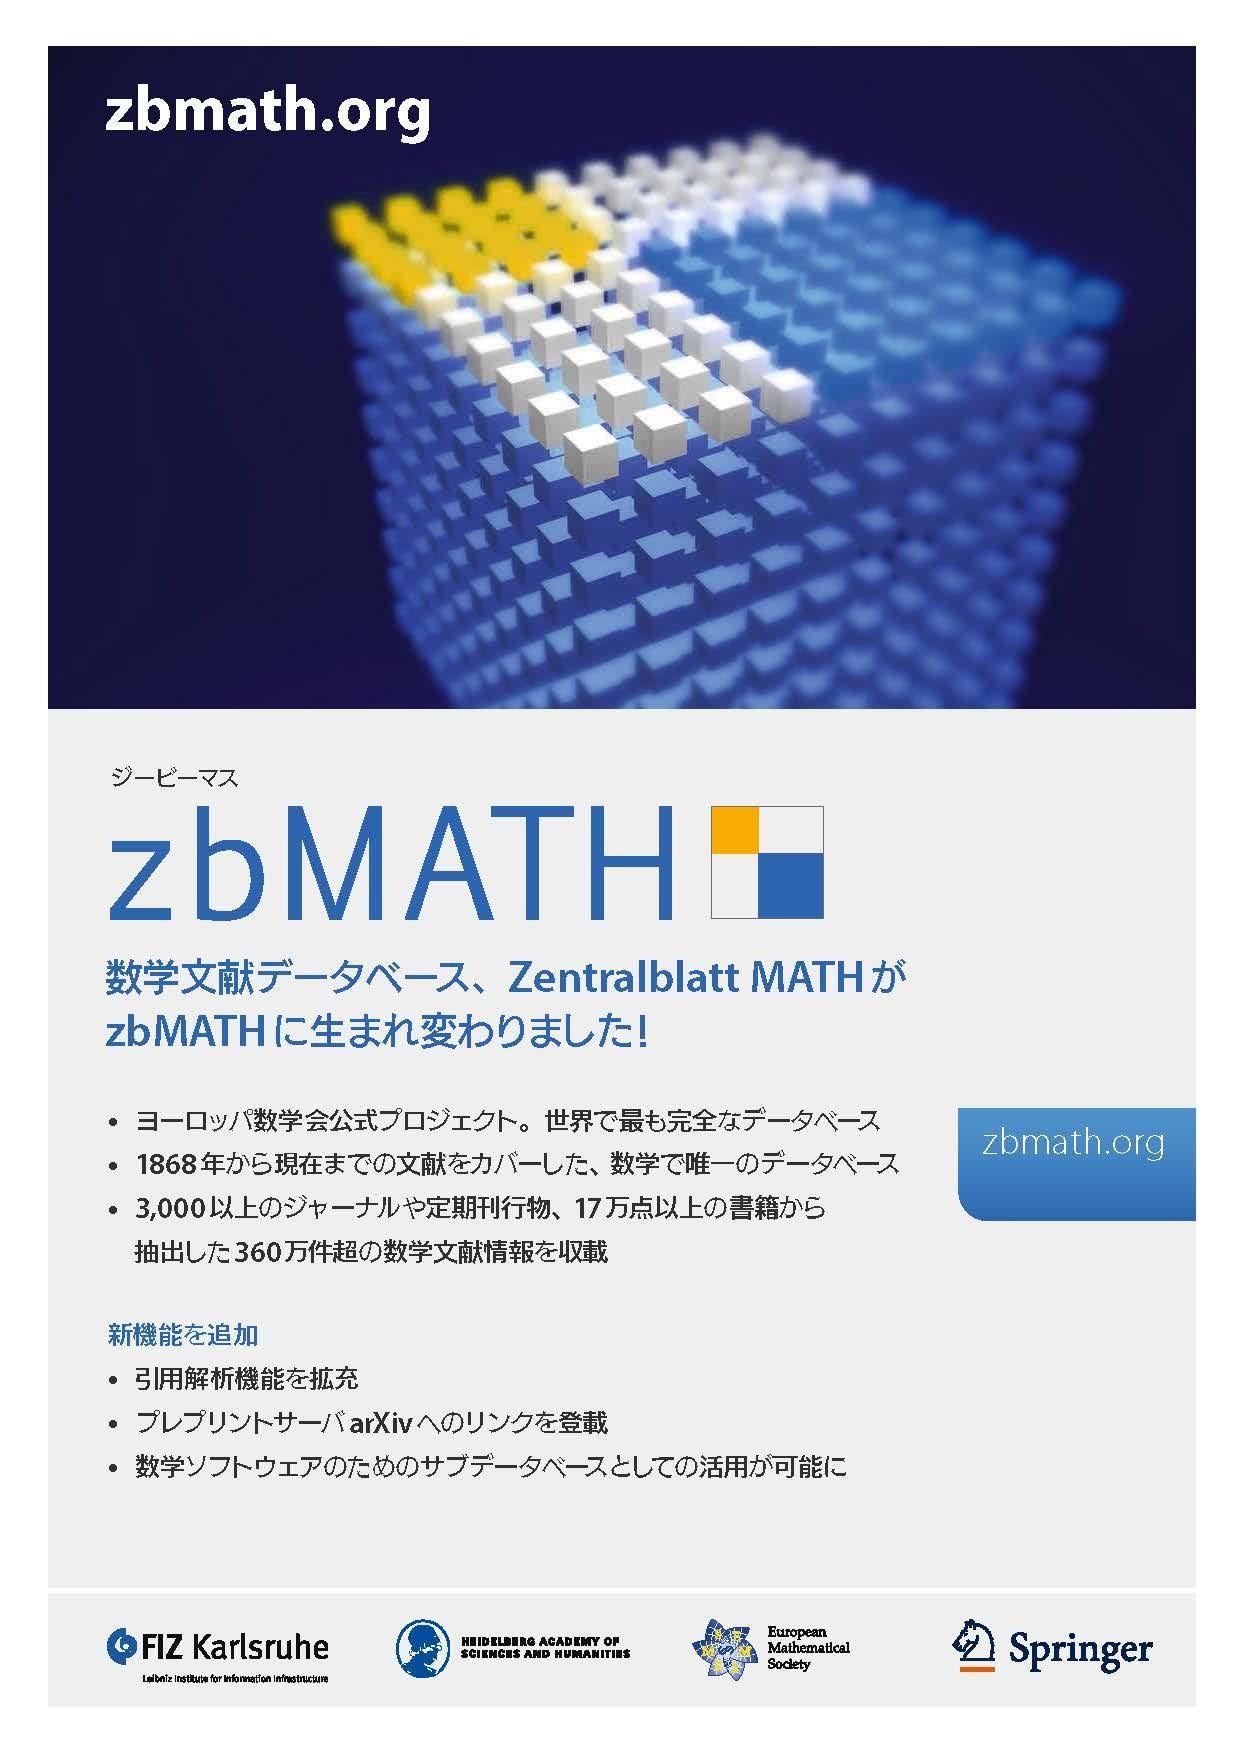 zbMATHパンフレット